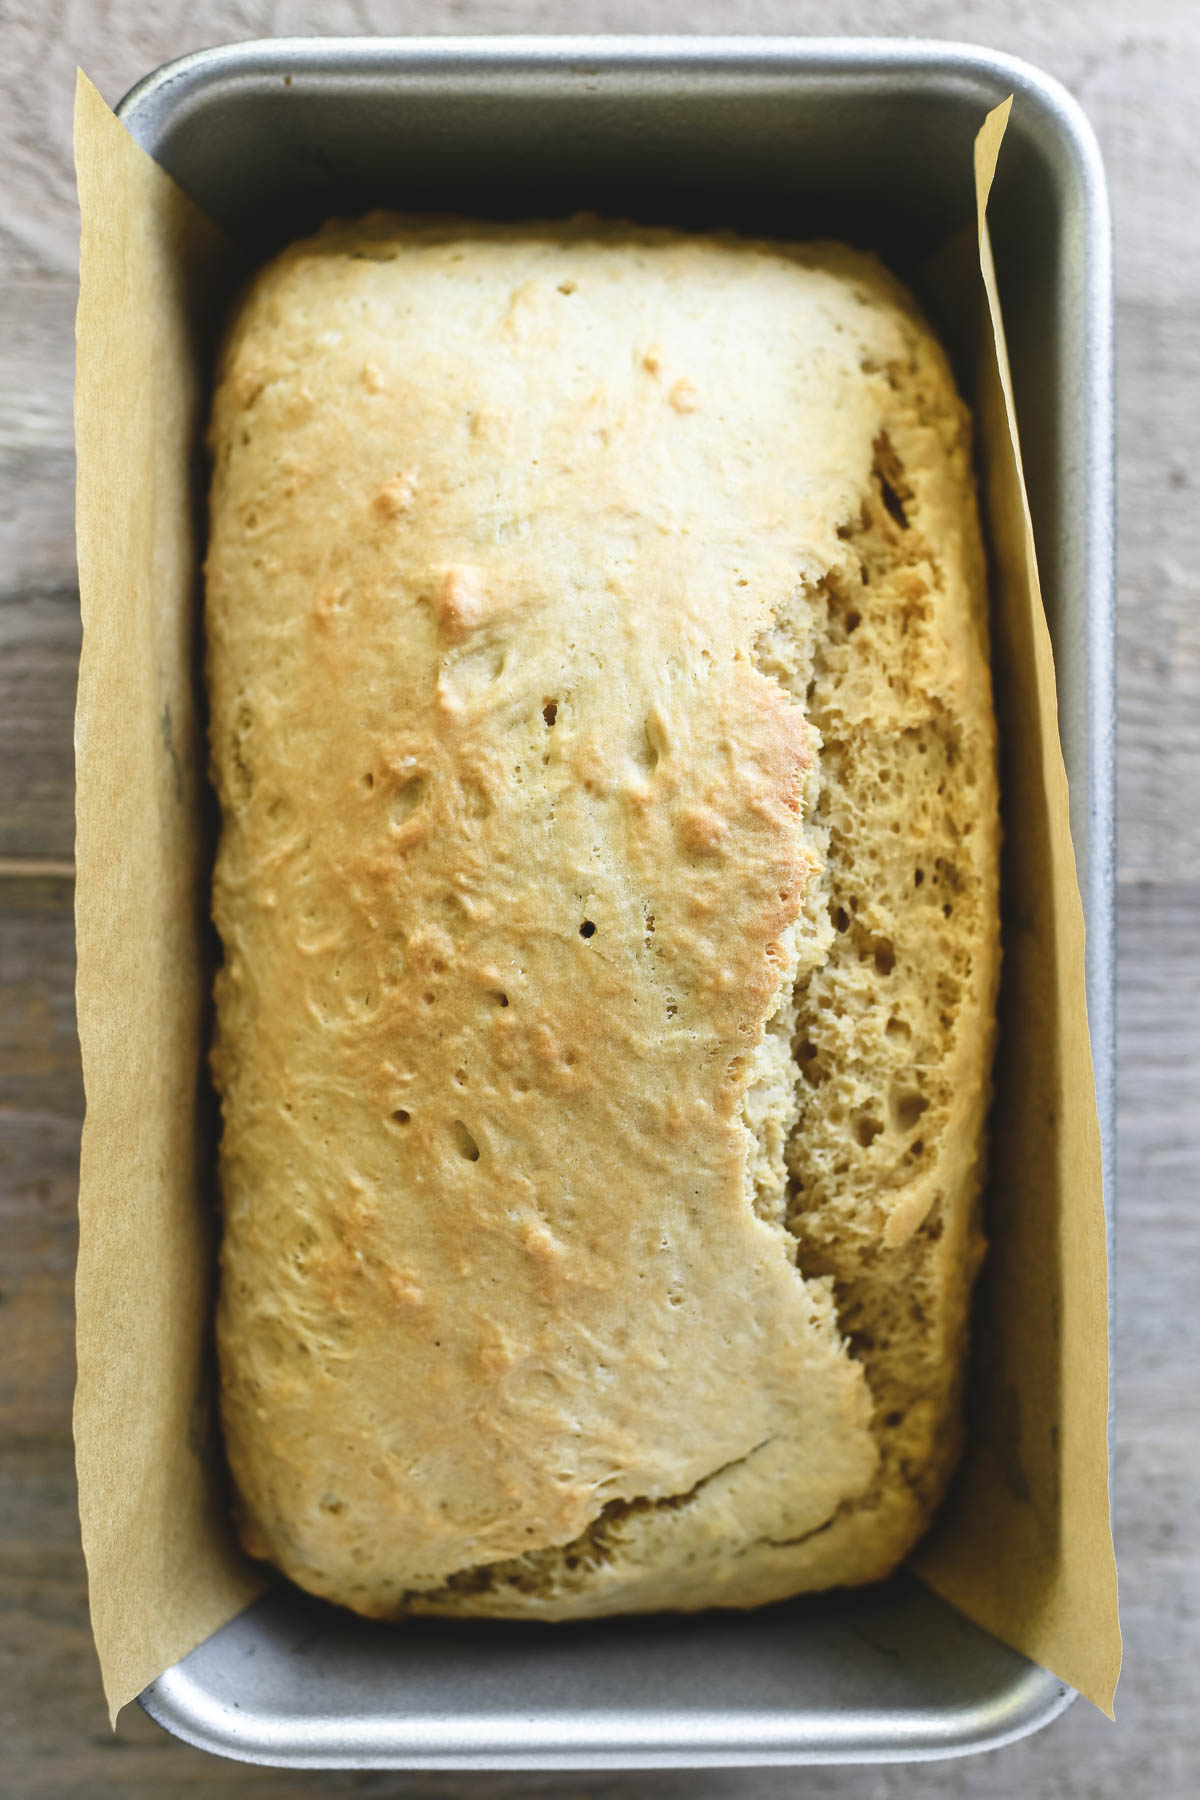 baked beer bread in pan